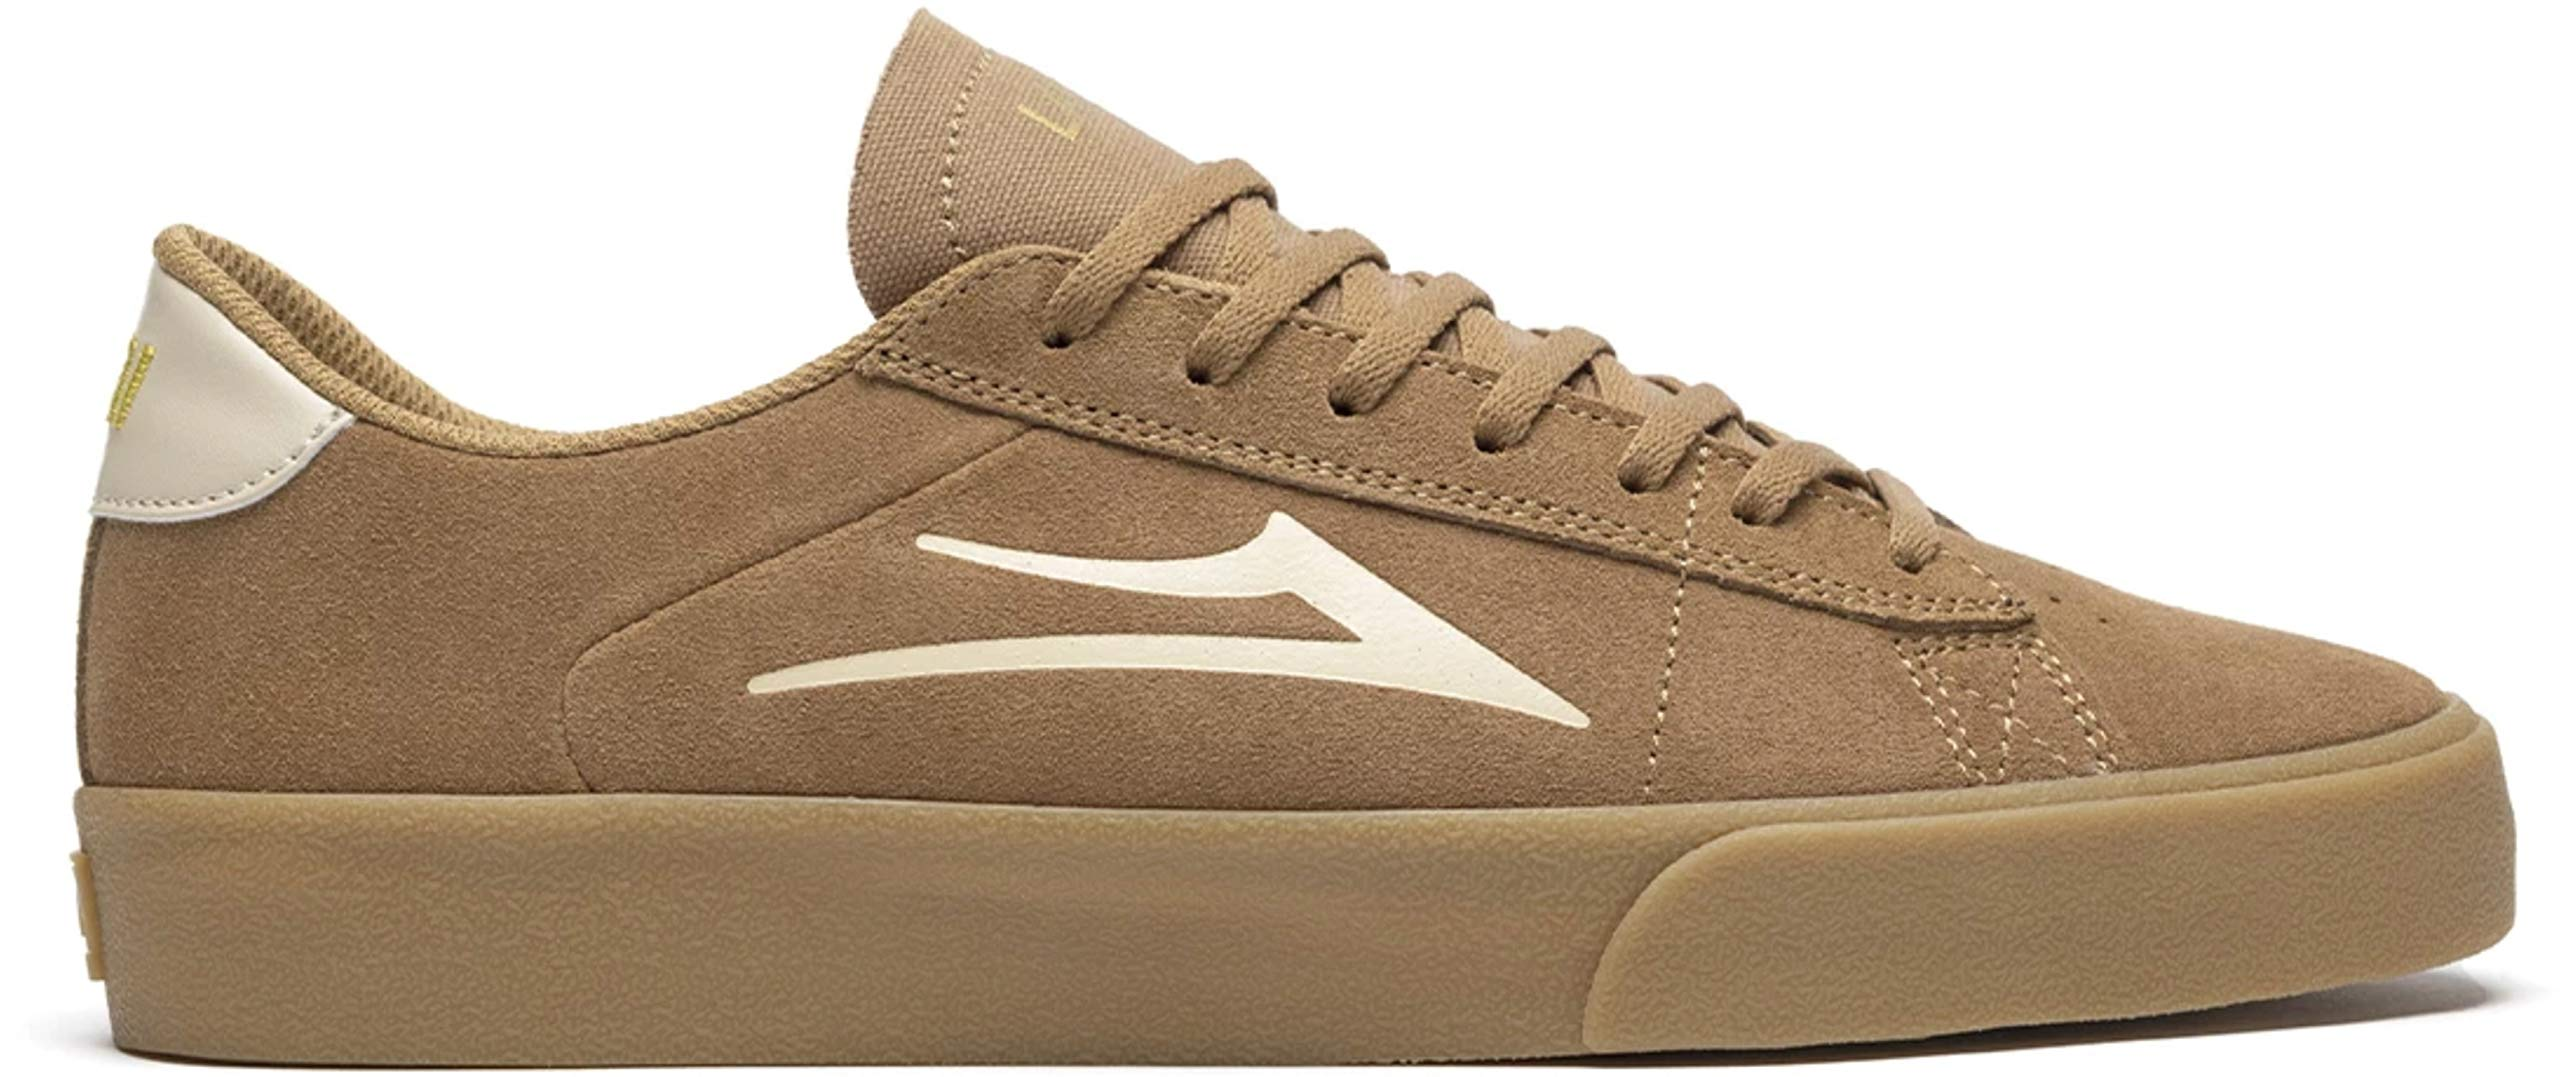 Lakai Limited Footwear Mens Newport Skate Shoe, Tan/Gum Suede, 13 M US by Lakai Limited Footwear Mens